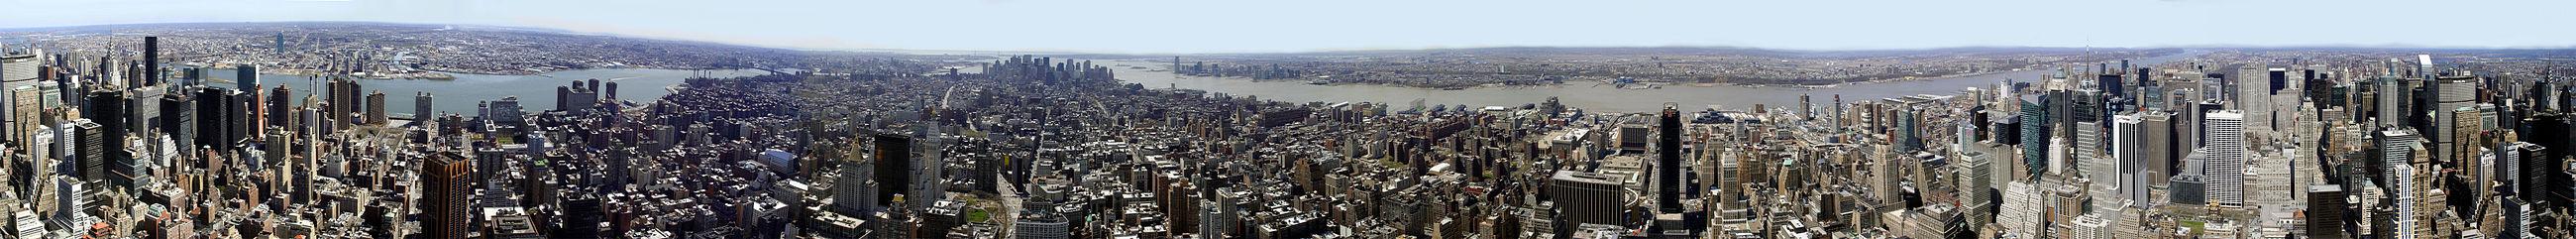 Foto panorâmica de Nova Iorque vista do Empire State Building.